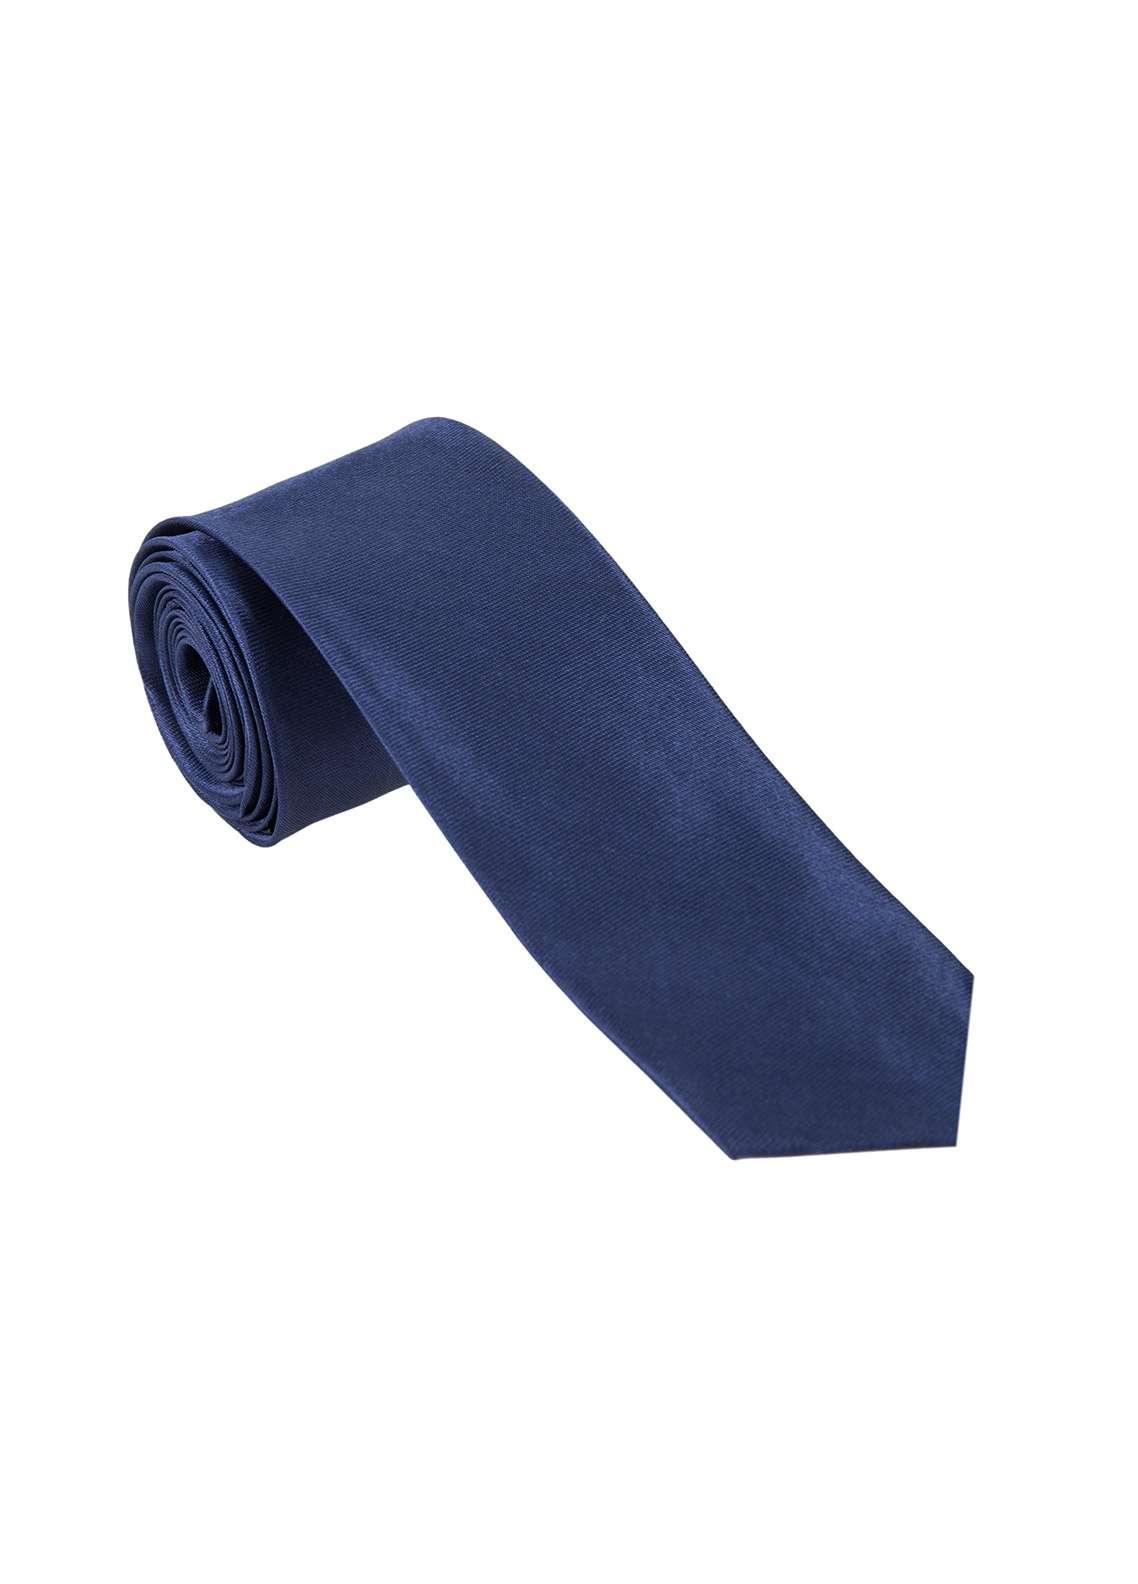 The Gentlemen's Club Navy Blue Plain Silk Men's Ties